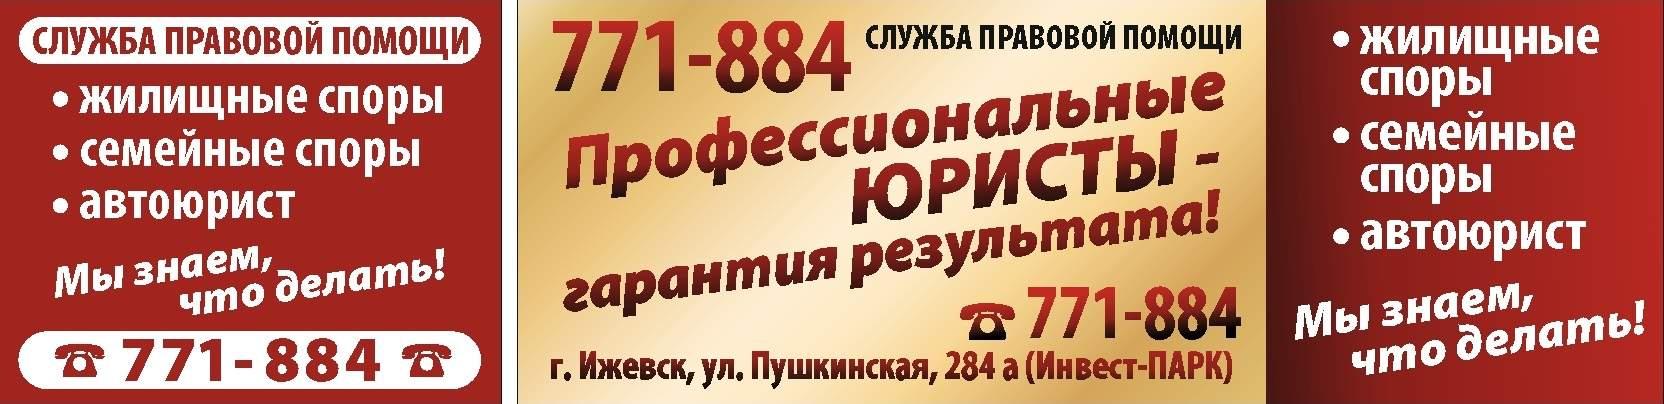 Юр услуги разместить объявление смотреть частные объявления б/у машины ваз 2109 москва московская область